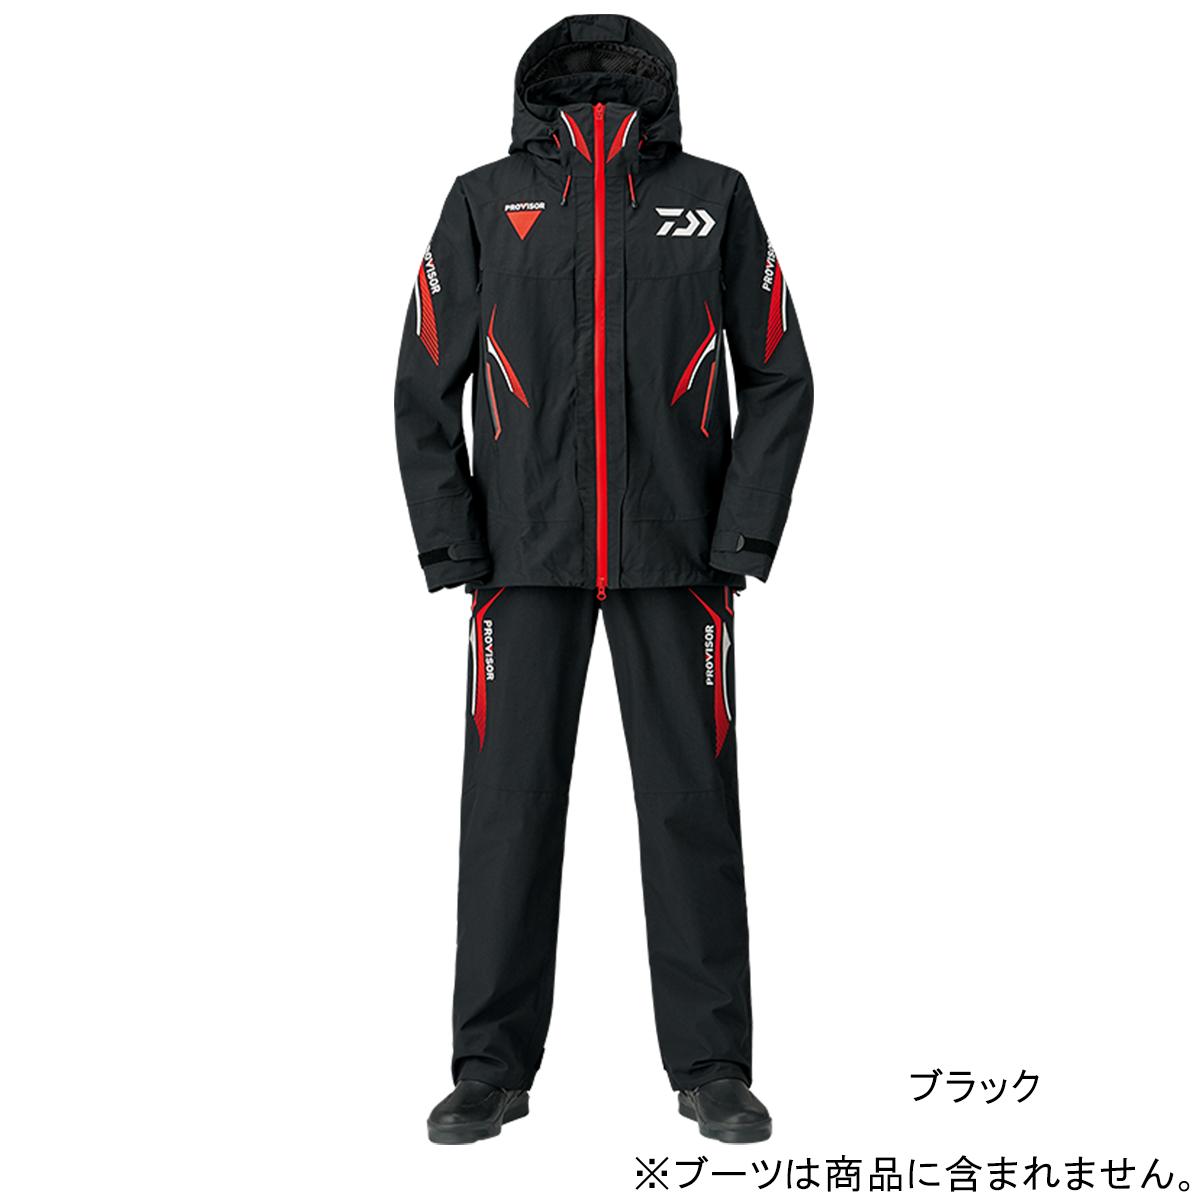 ダイワ プロバイザー ゴアテックス プロダクト コンビアップレインスーツ DR-1508 XL ブラック(東日本店)